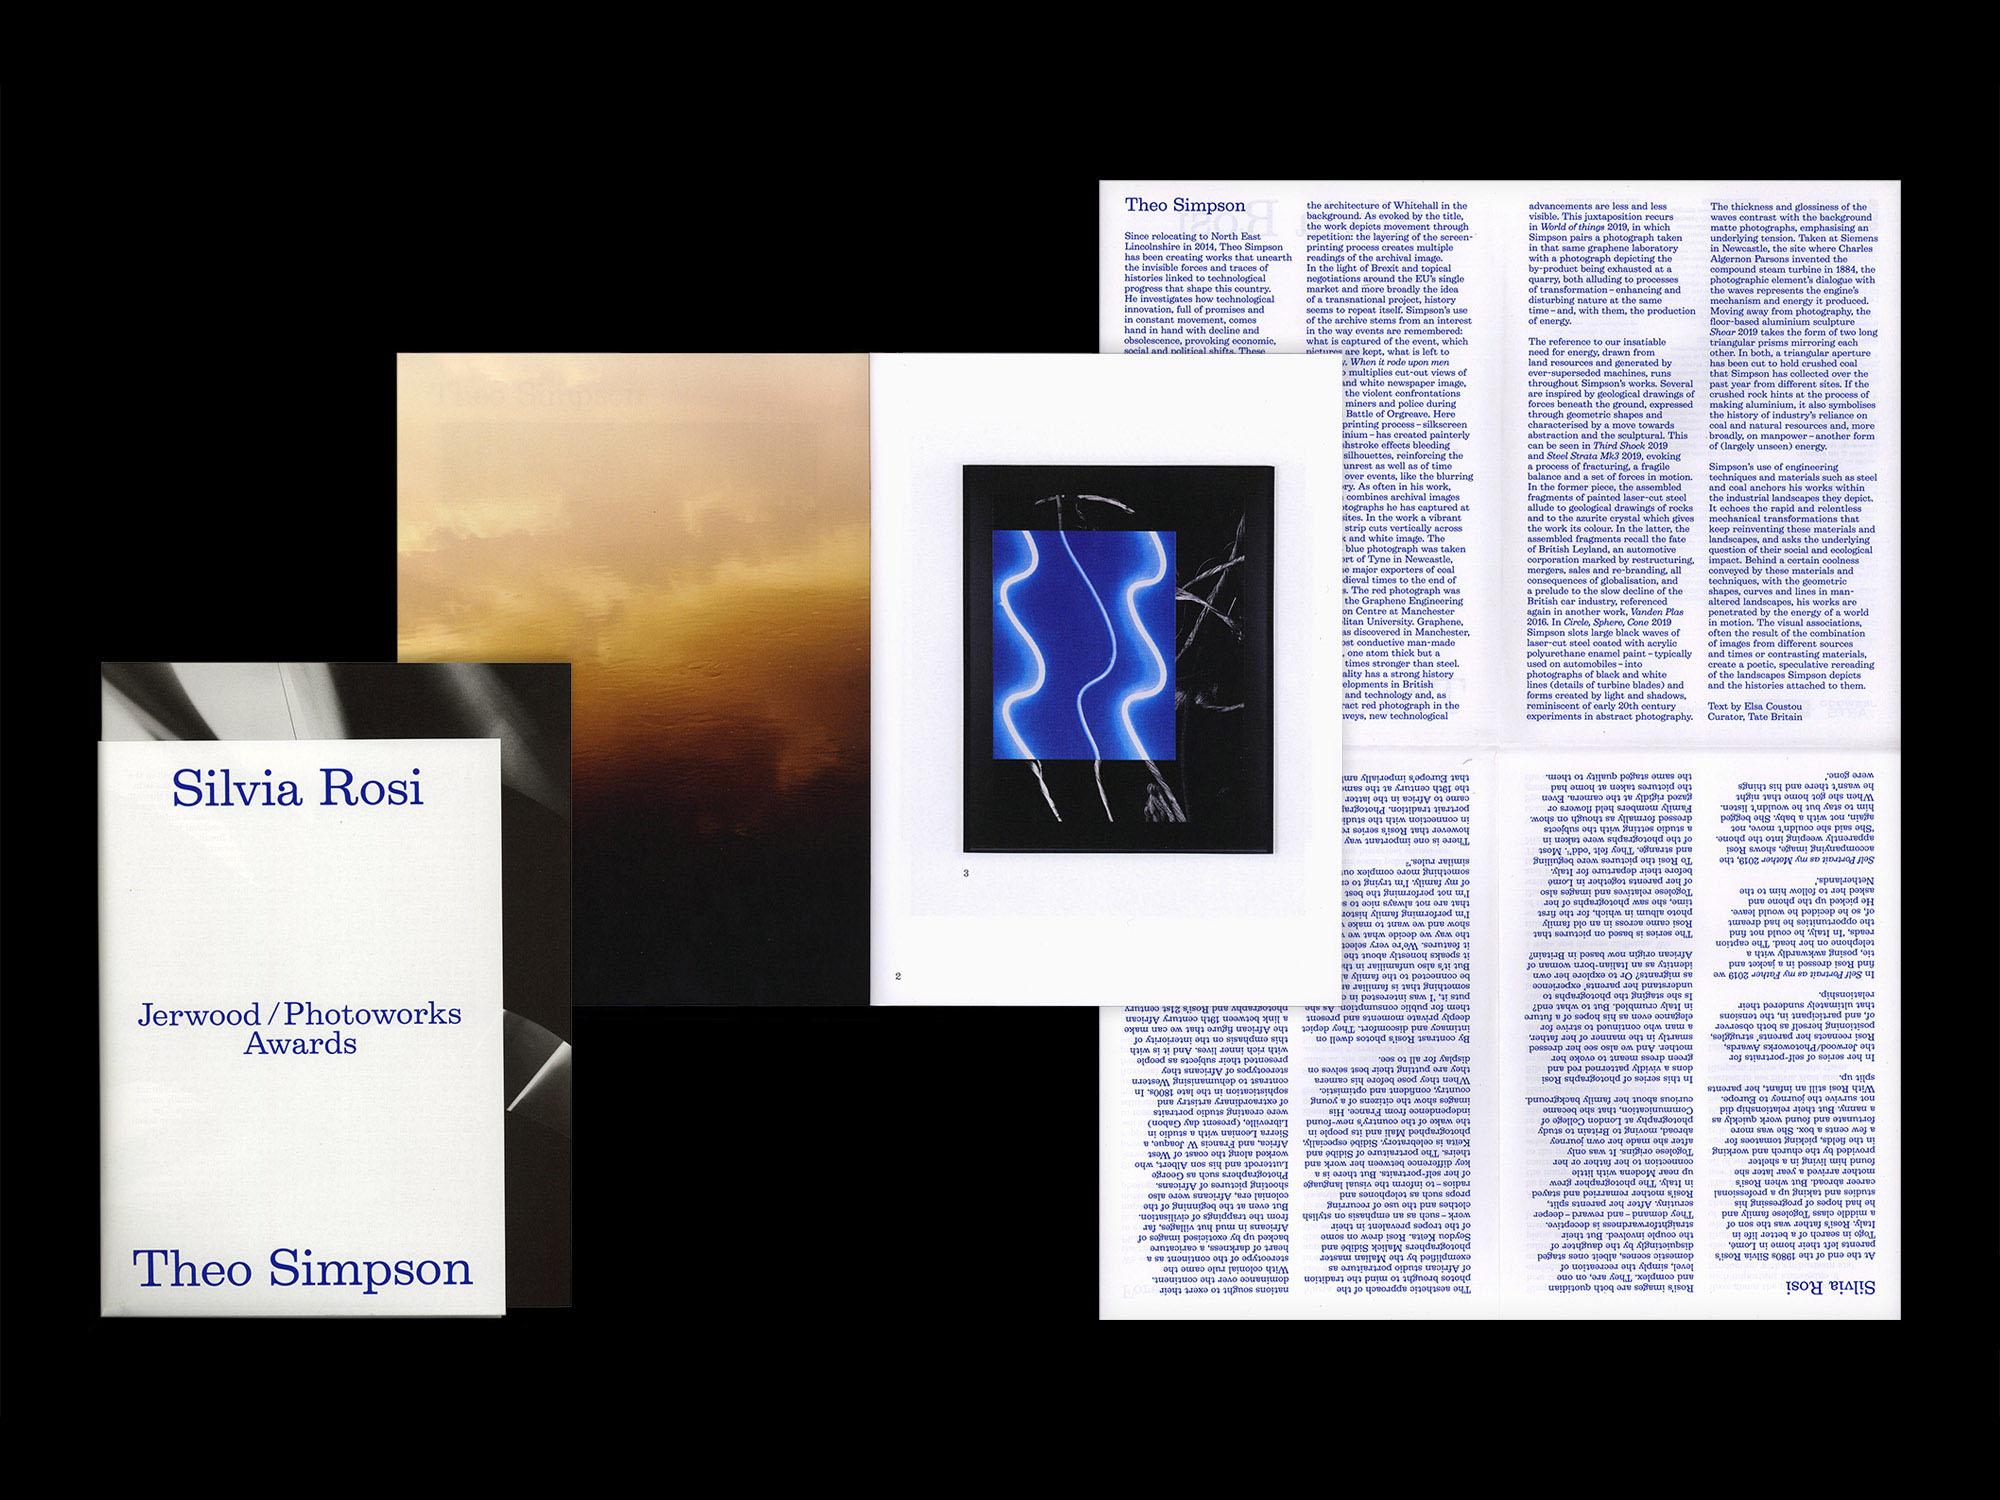 Jerwood Photoworks Award catalogue design